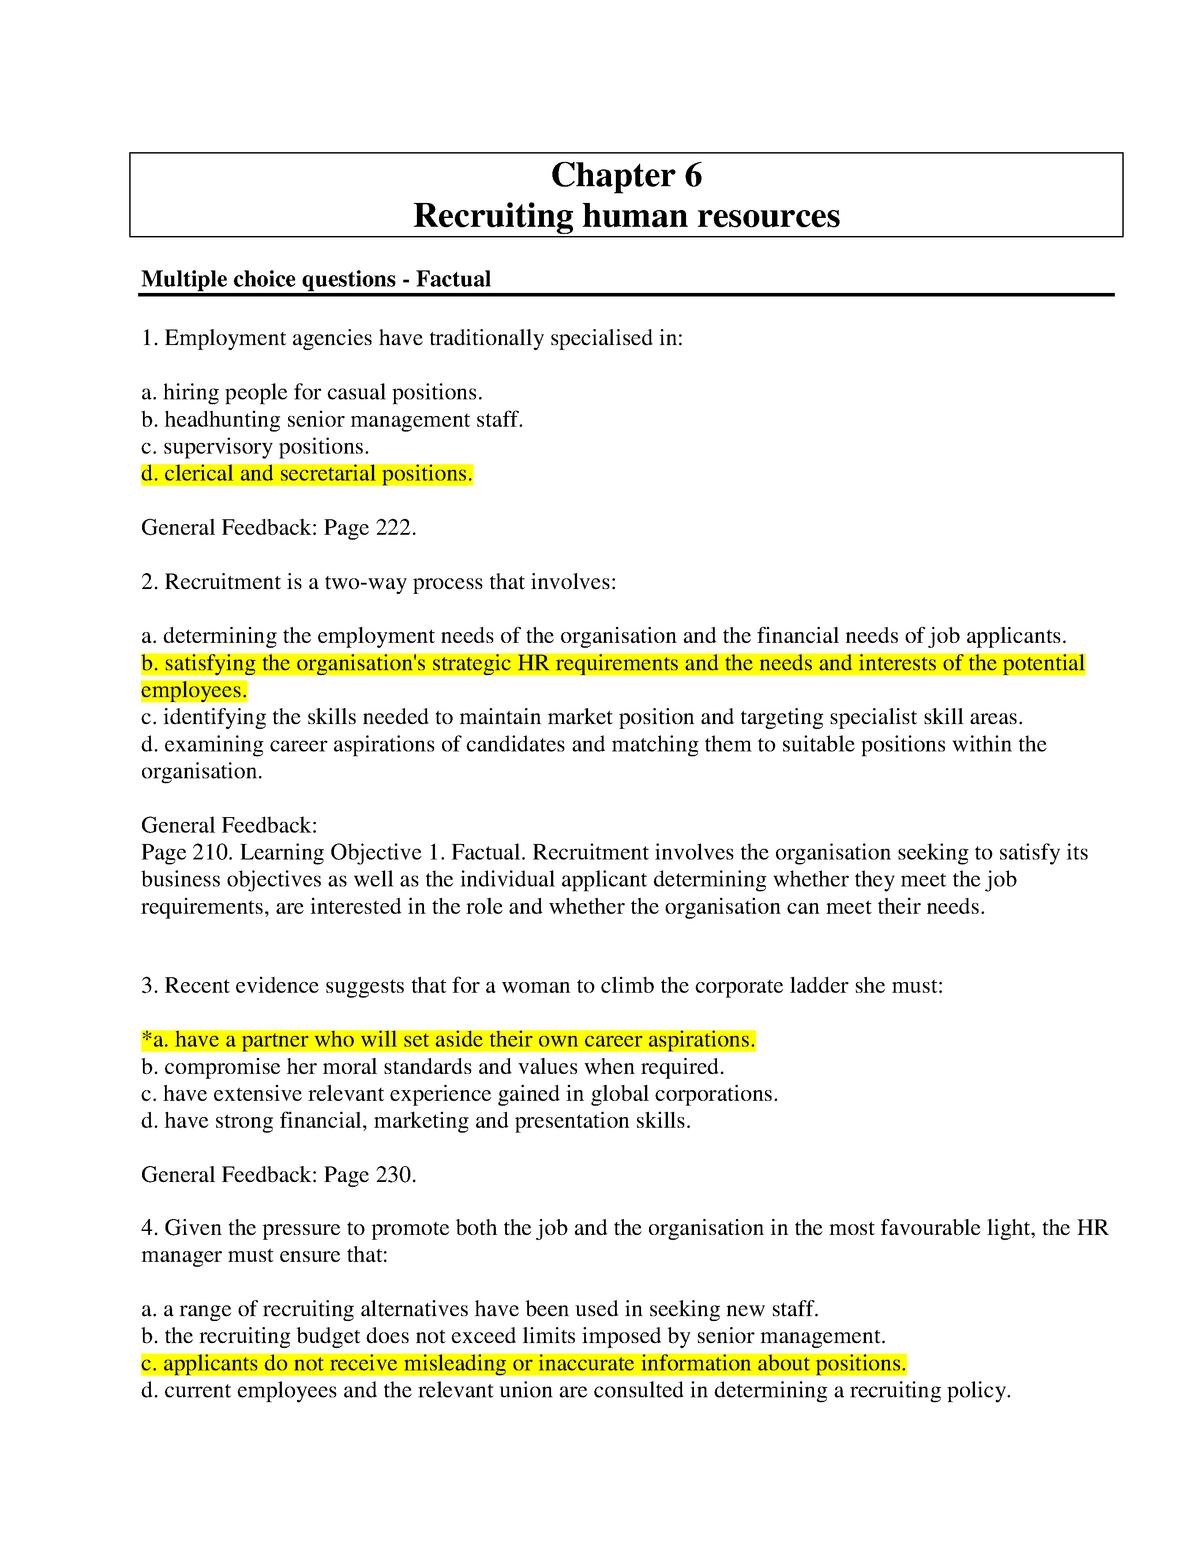 Chapter 6 - Recruiting human resources - BX2051:03 - JCU